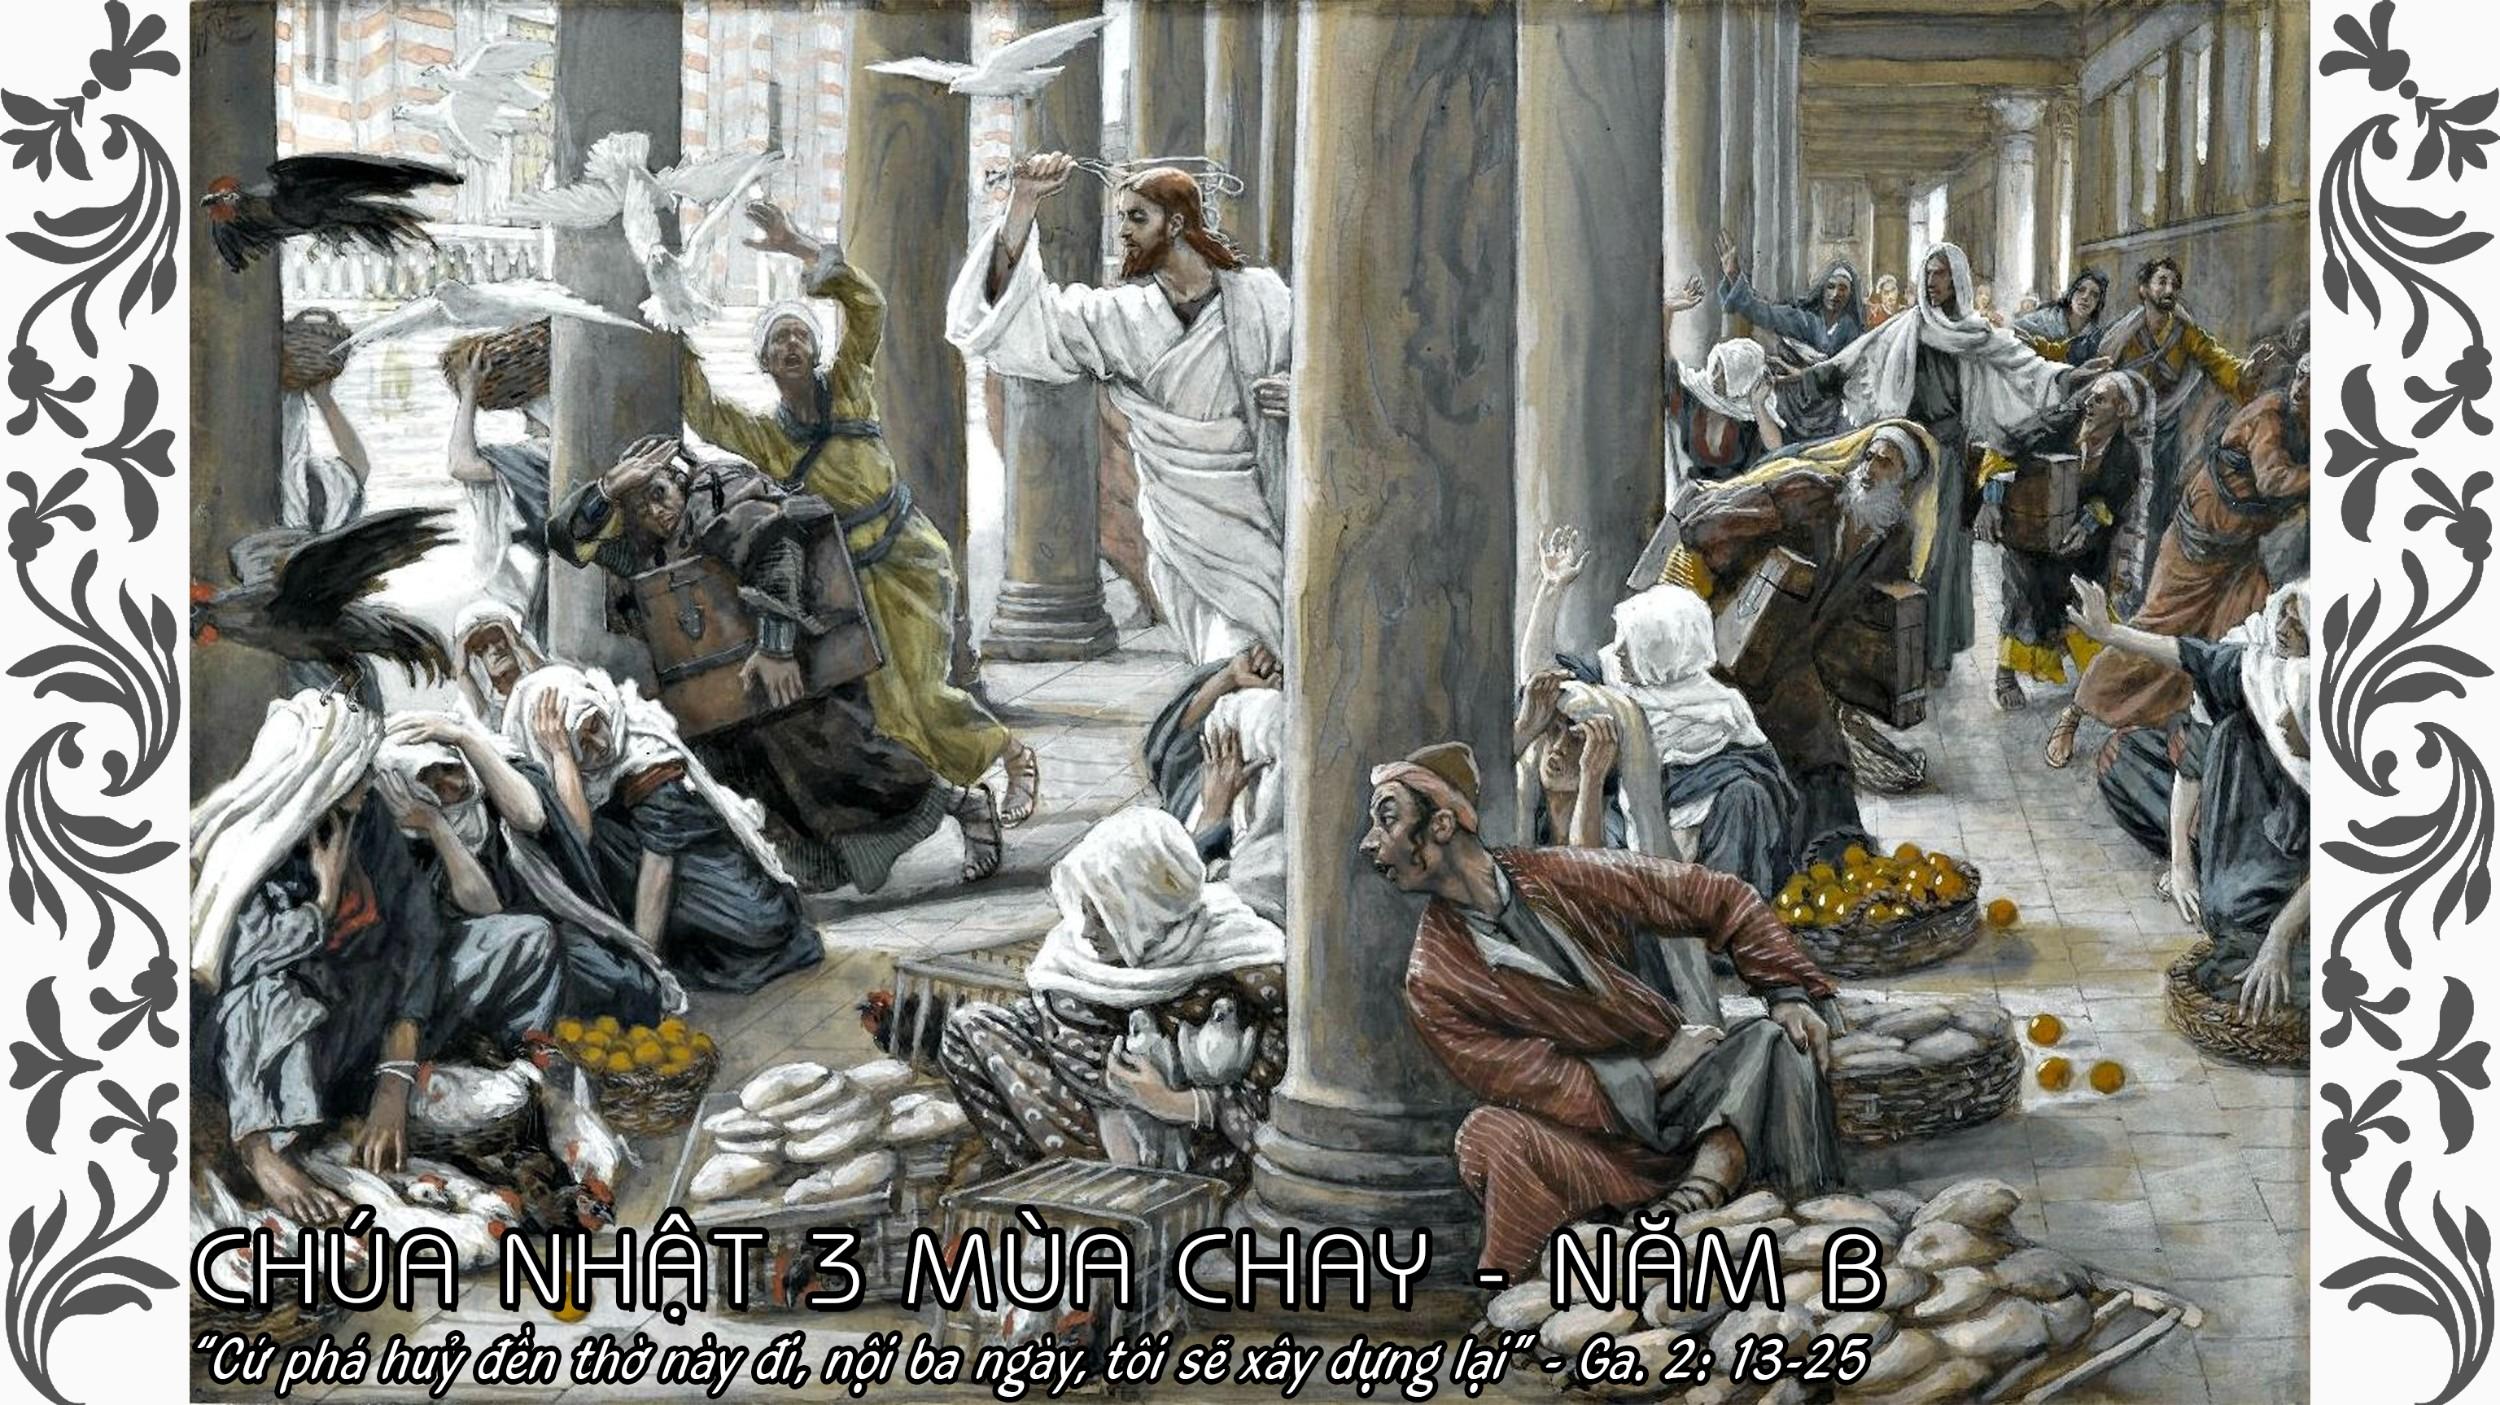 Các bài đọc trong tuần Chúa nhật 3 mùa Chay - năm B